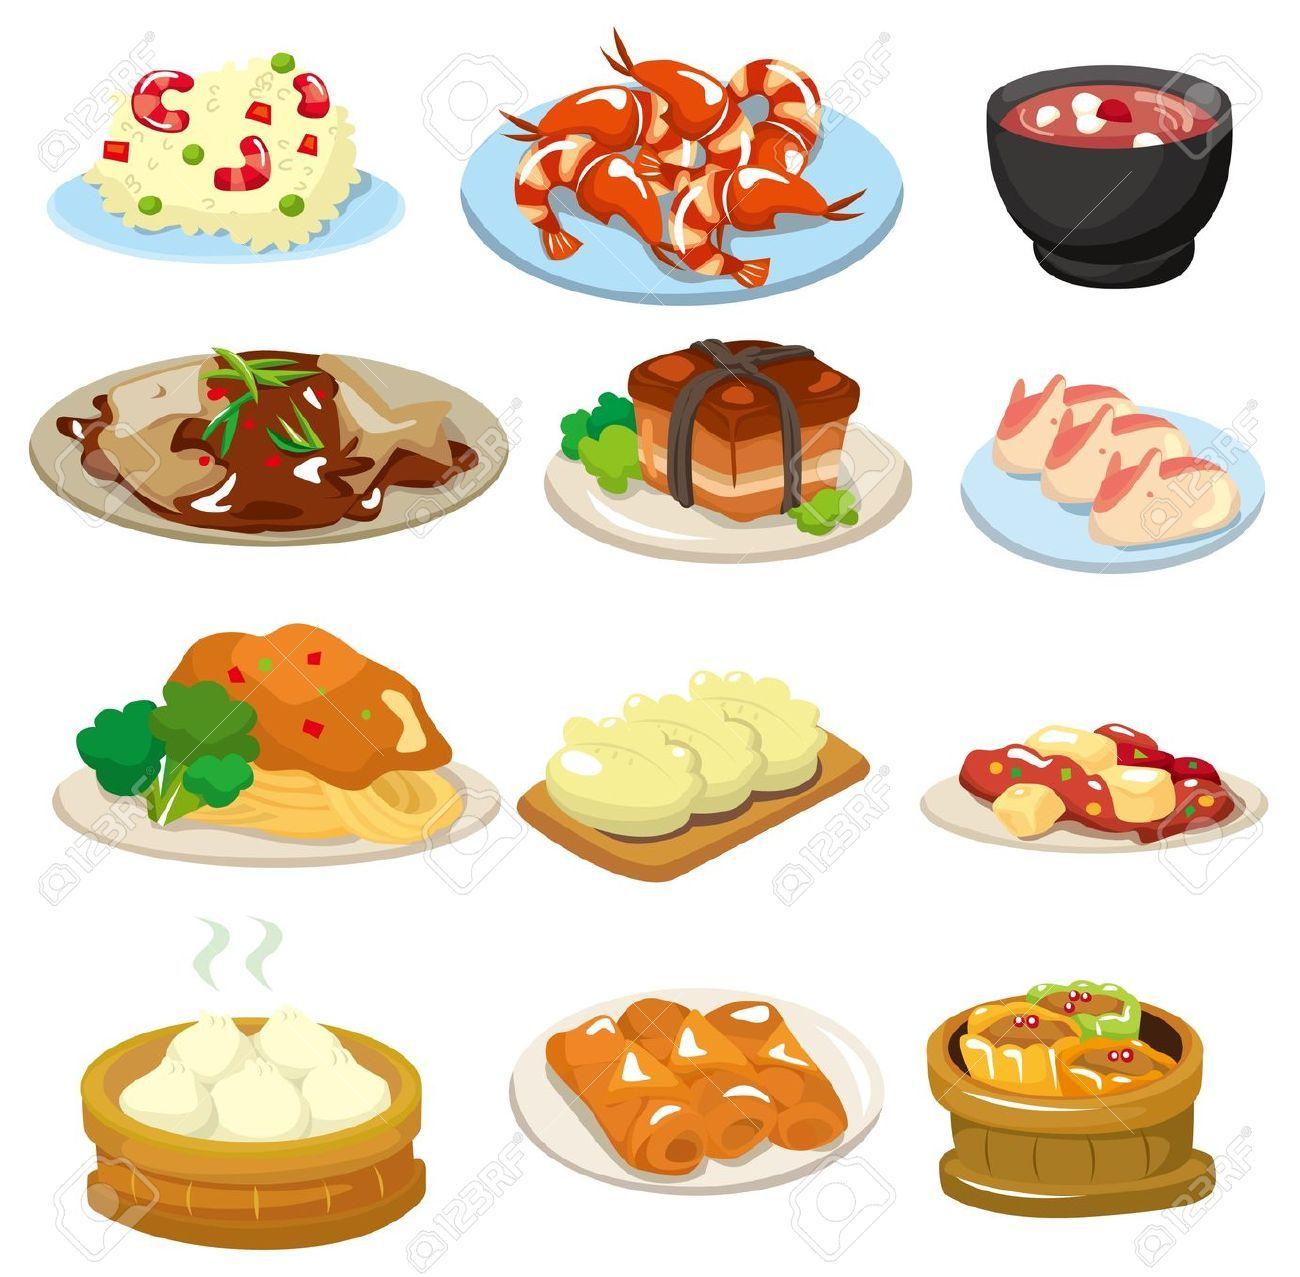 Pingl par llitastar sur dibus comida pinterest - Clipart cuisine gratuit ...